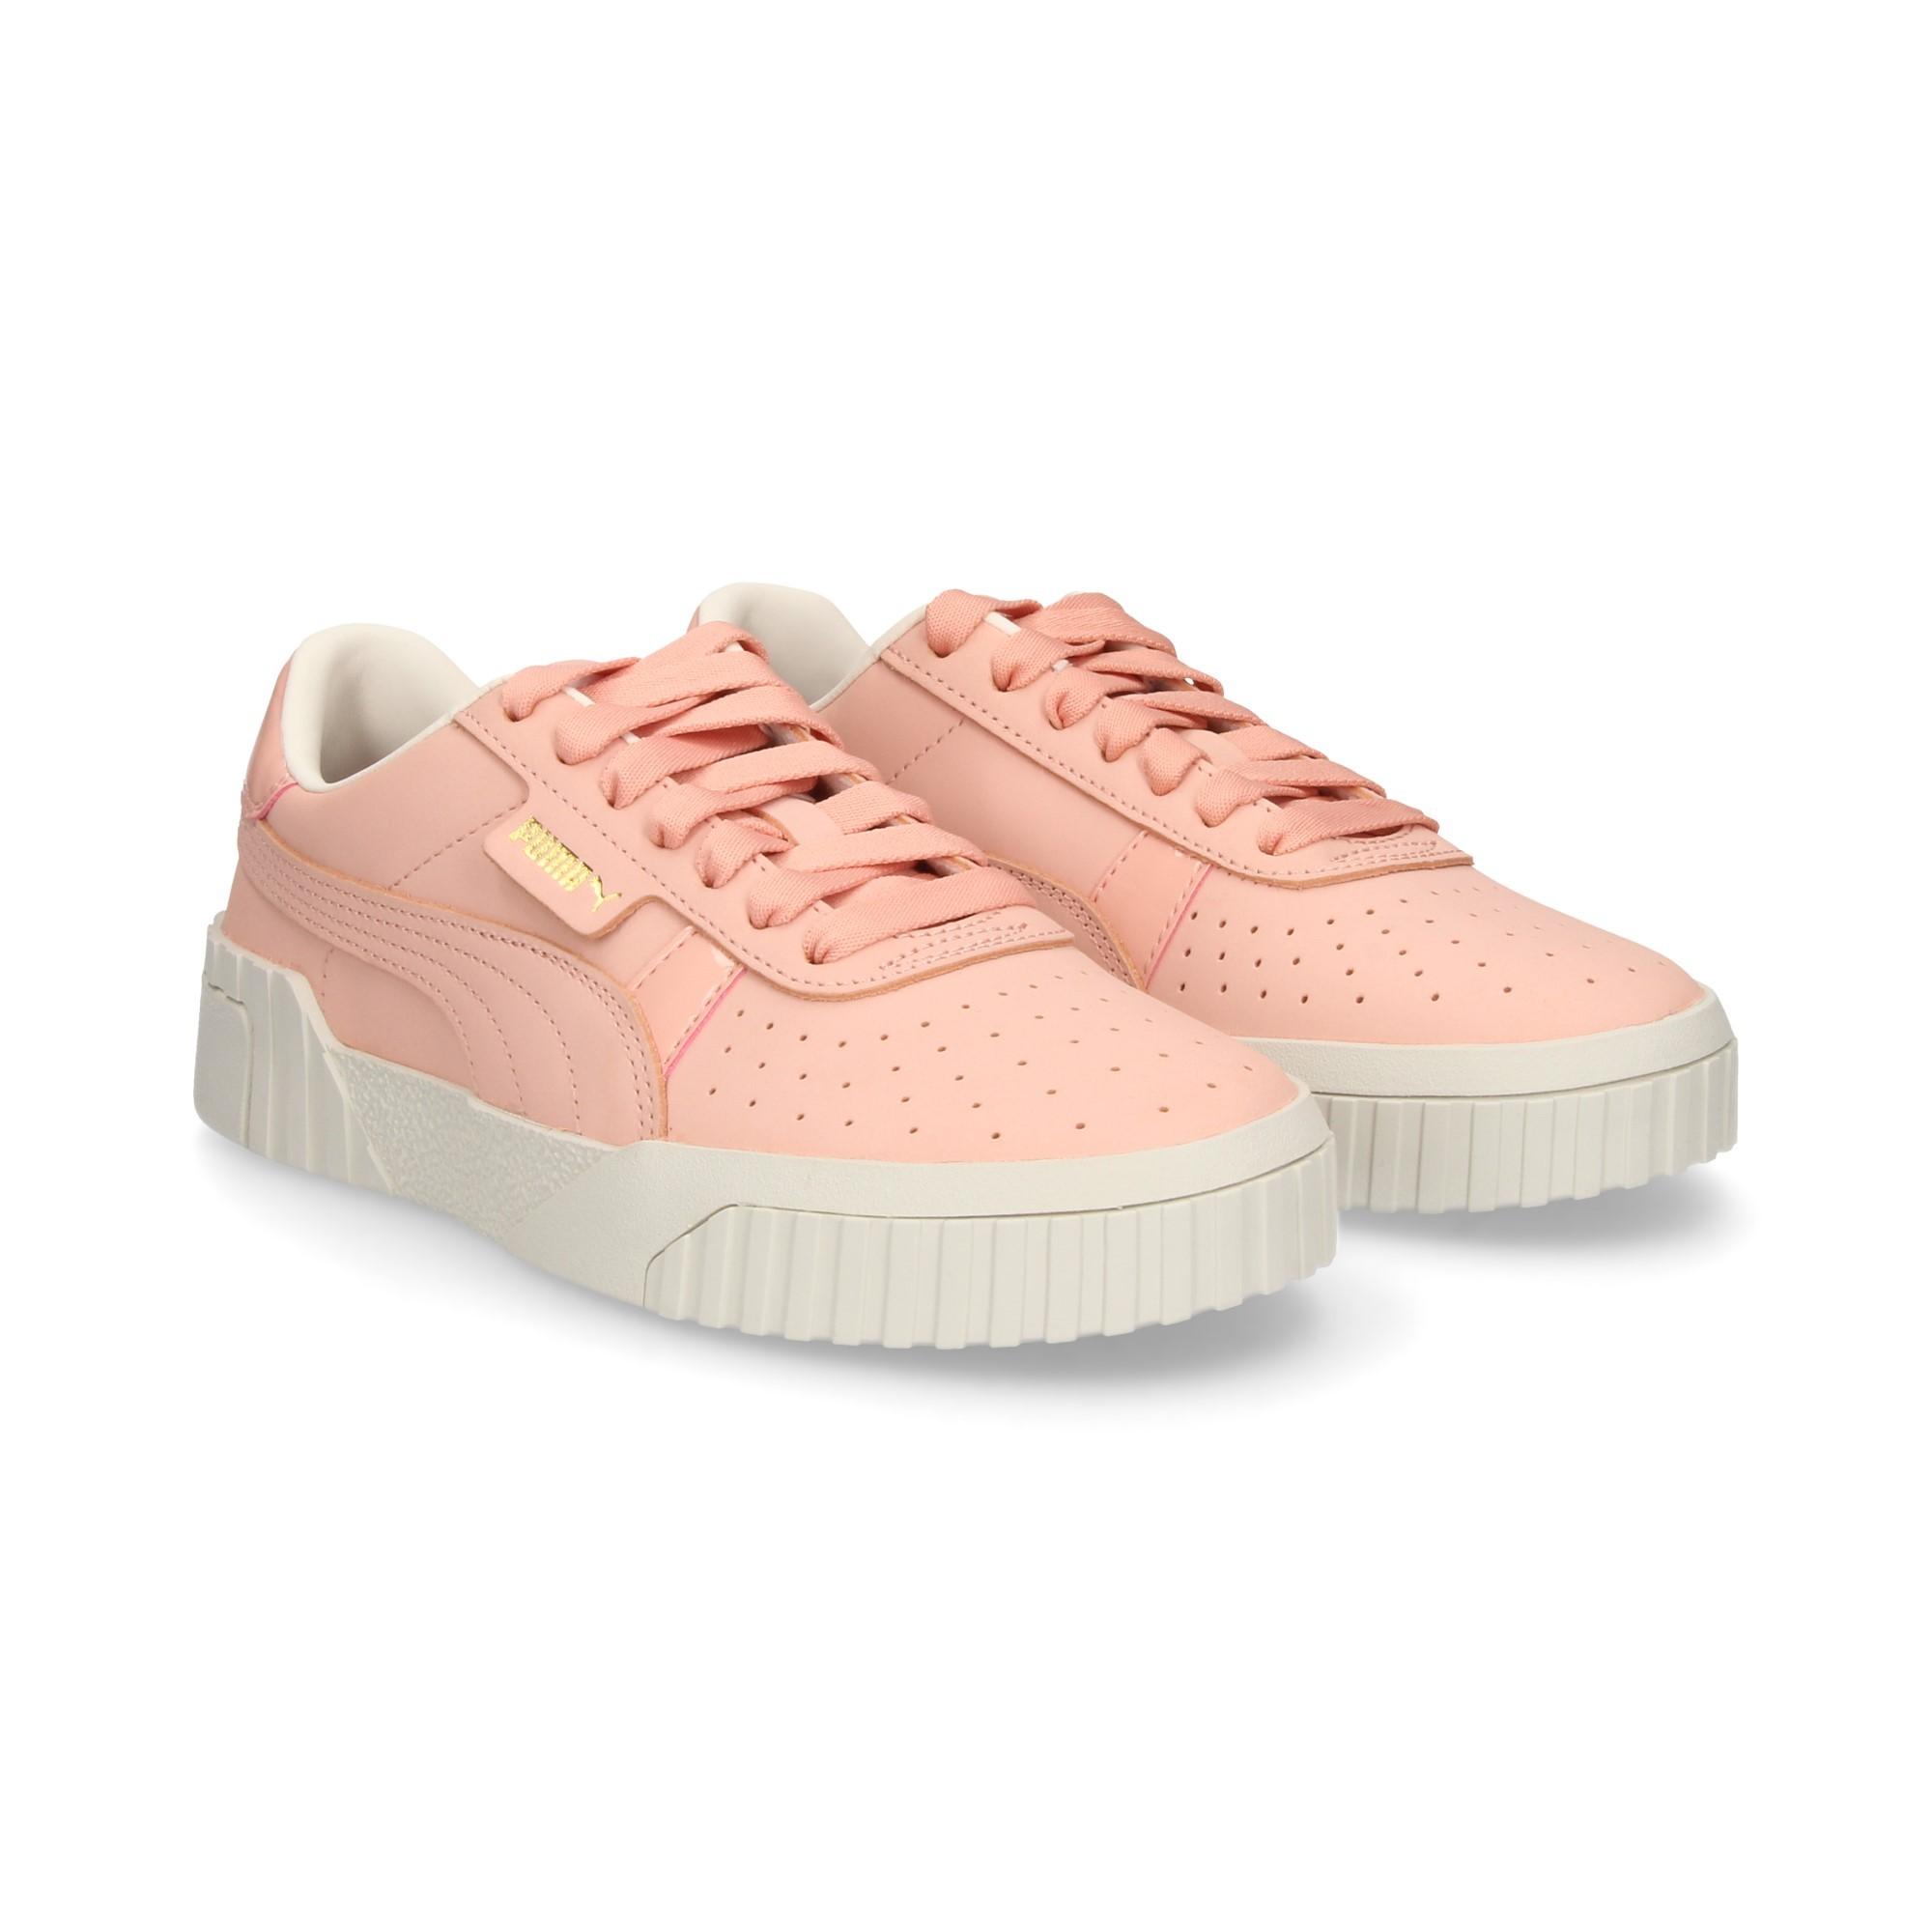 abc5a281d6858a PUMA Women s Sneakers 369161 01 PEACH BUD